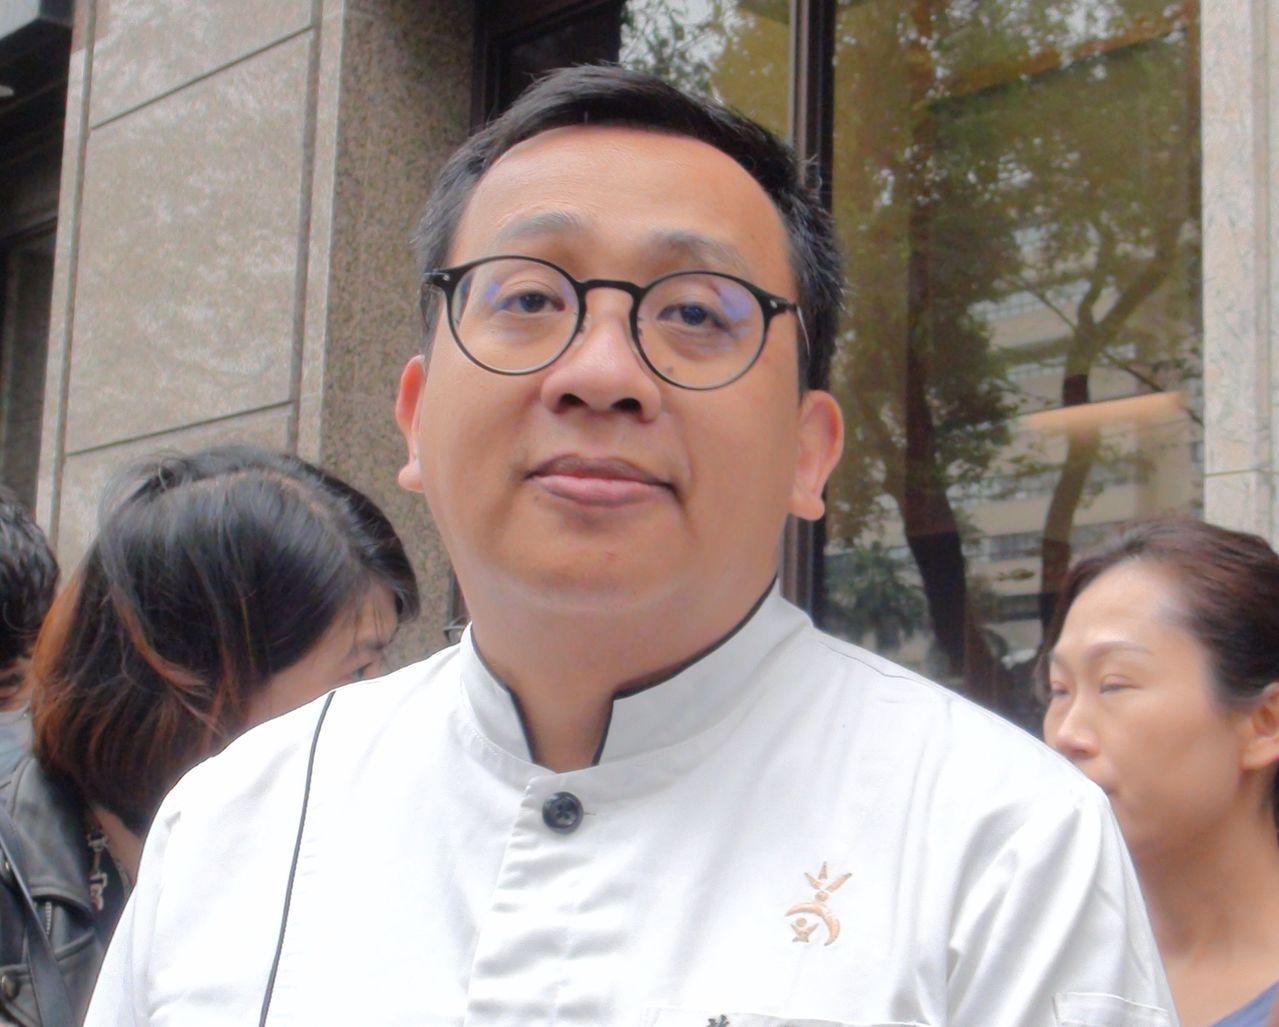 歸零學習 吳寶春高雄店經理曝19年資歷入店也領26k